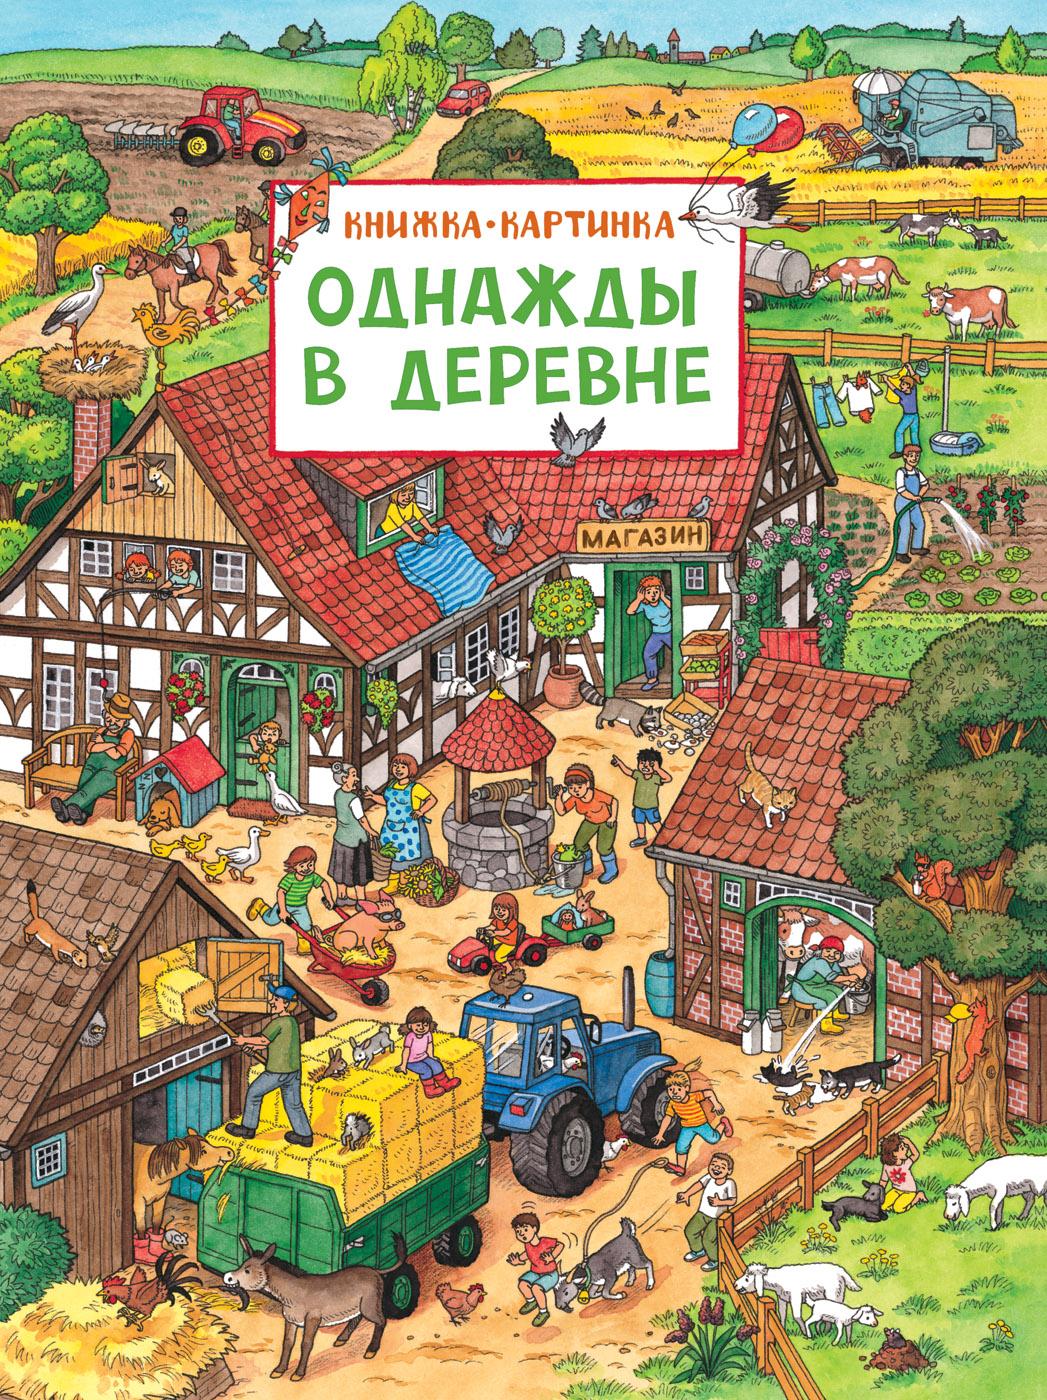 Книжка-картинка Однажды в деревнеОбучающие книги. Книги с картинками<br>Книжка-картинка Однажды в деревне<br>